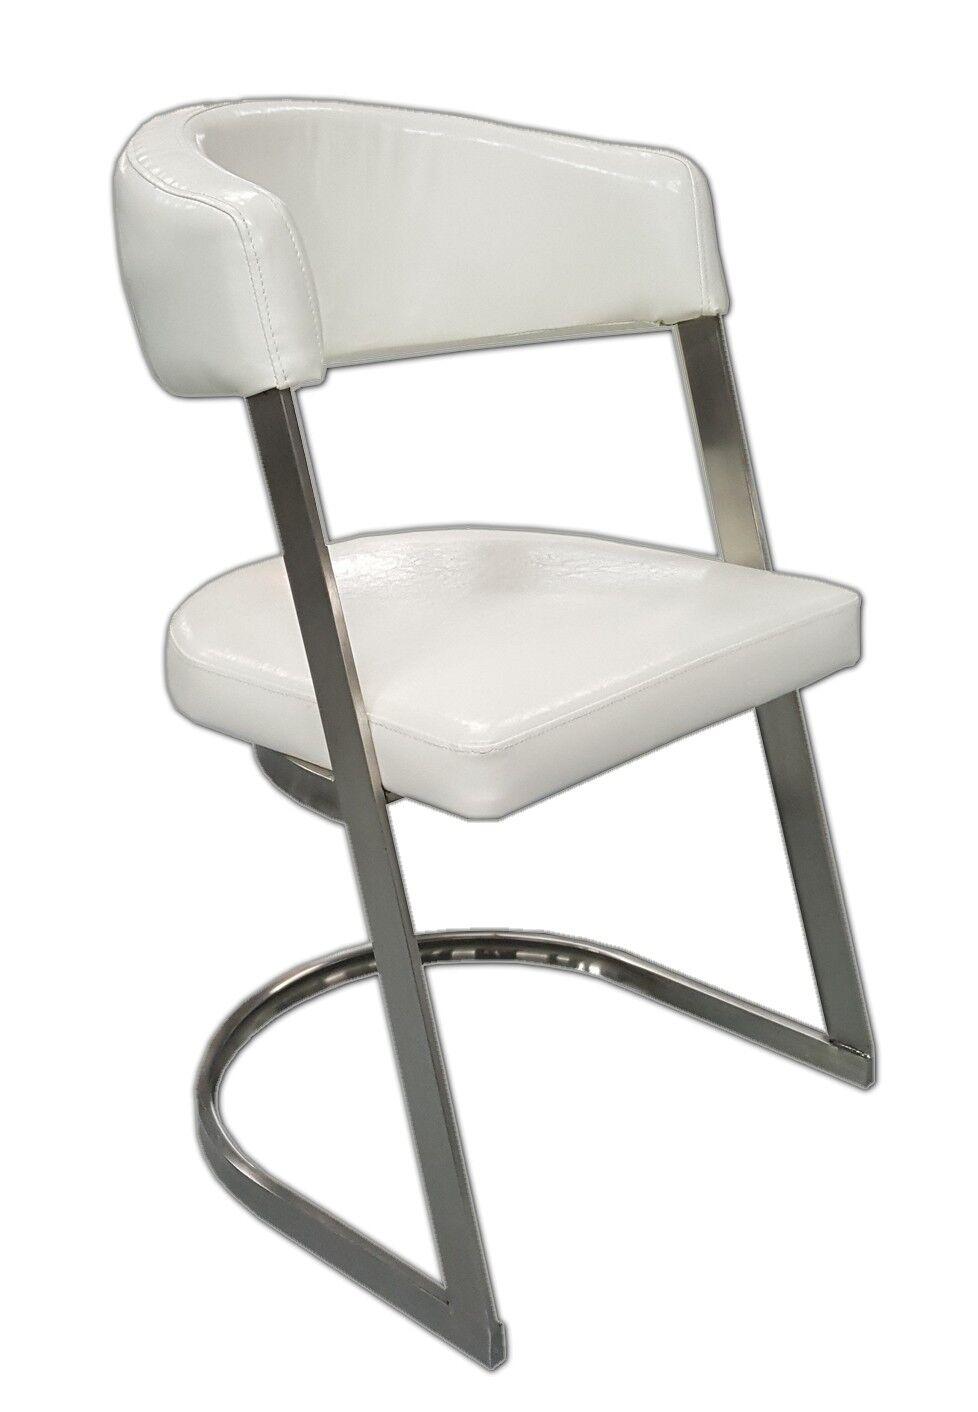 gdegdesign Chaise blanche simili cuir - Aron